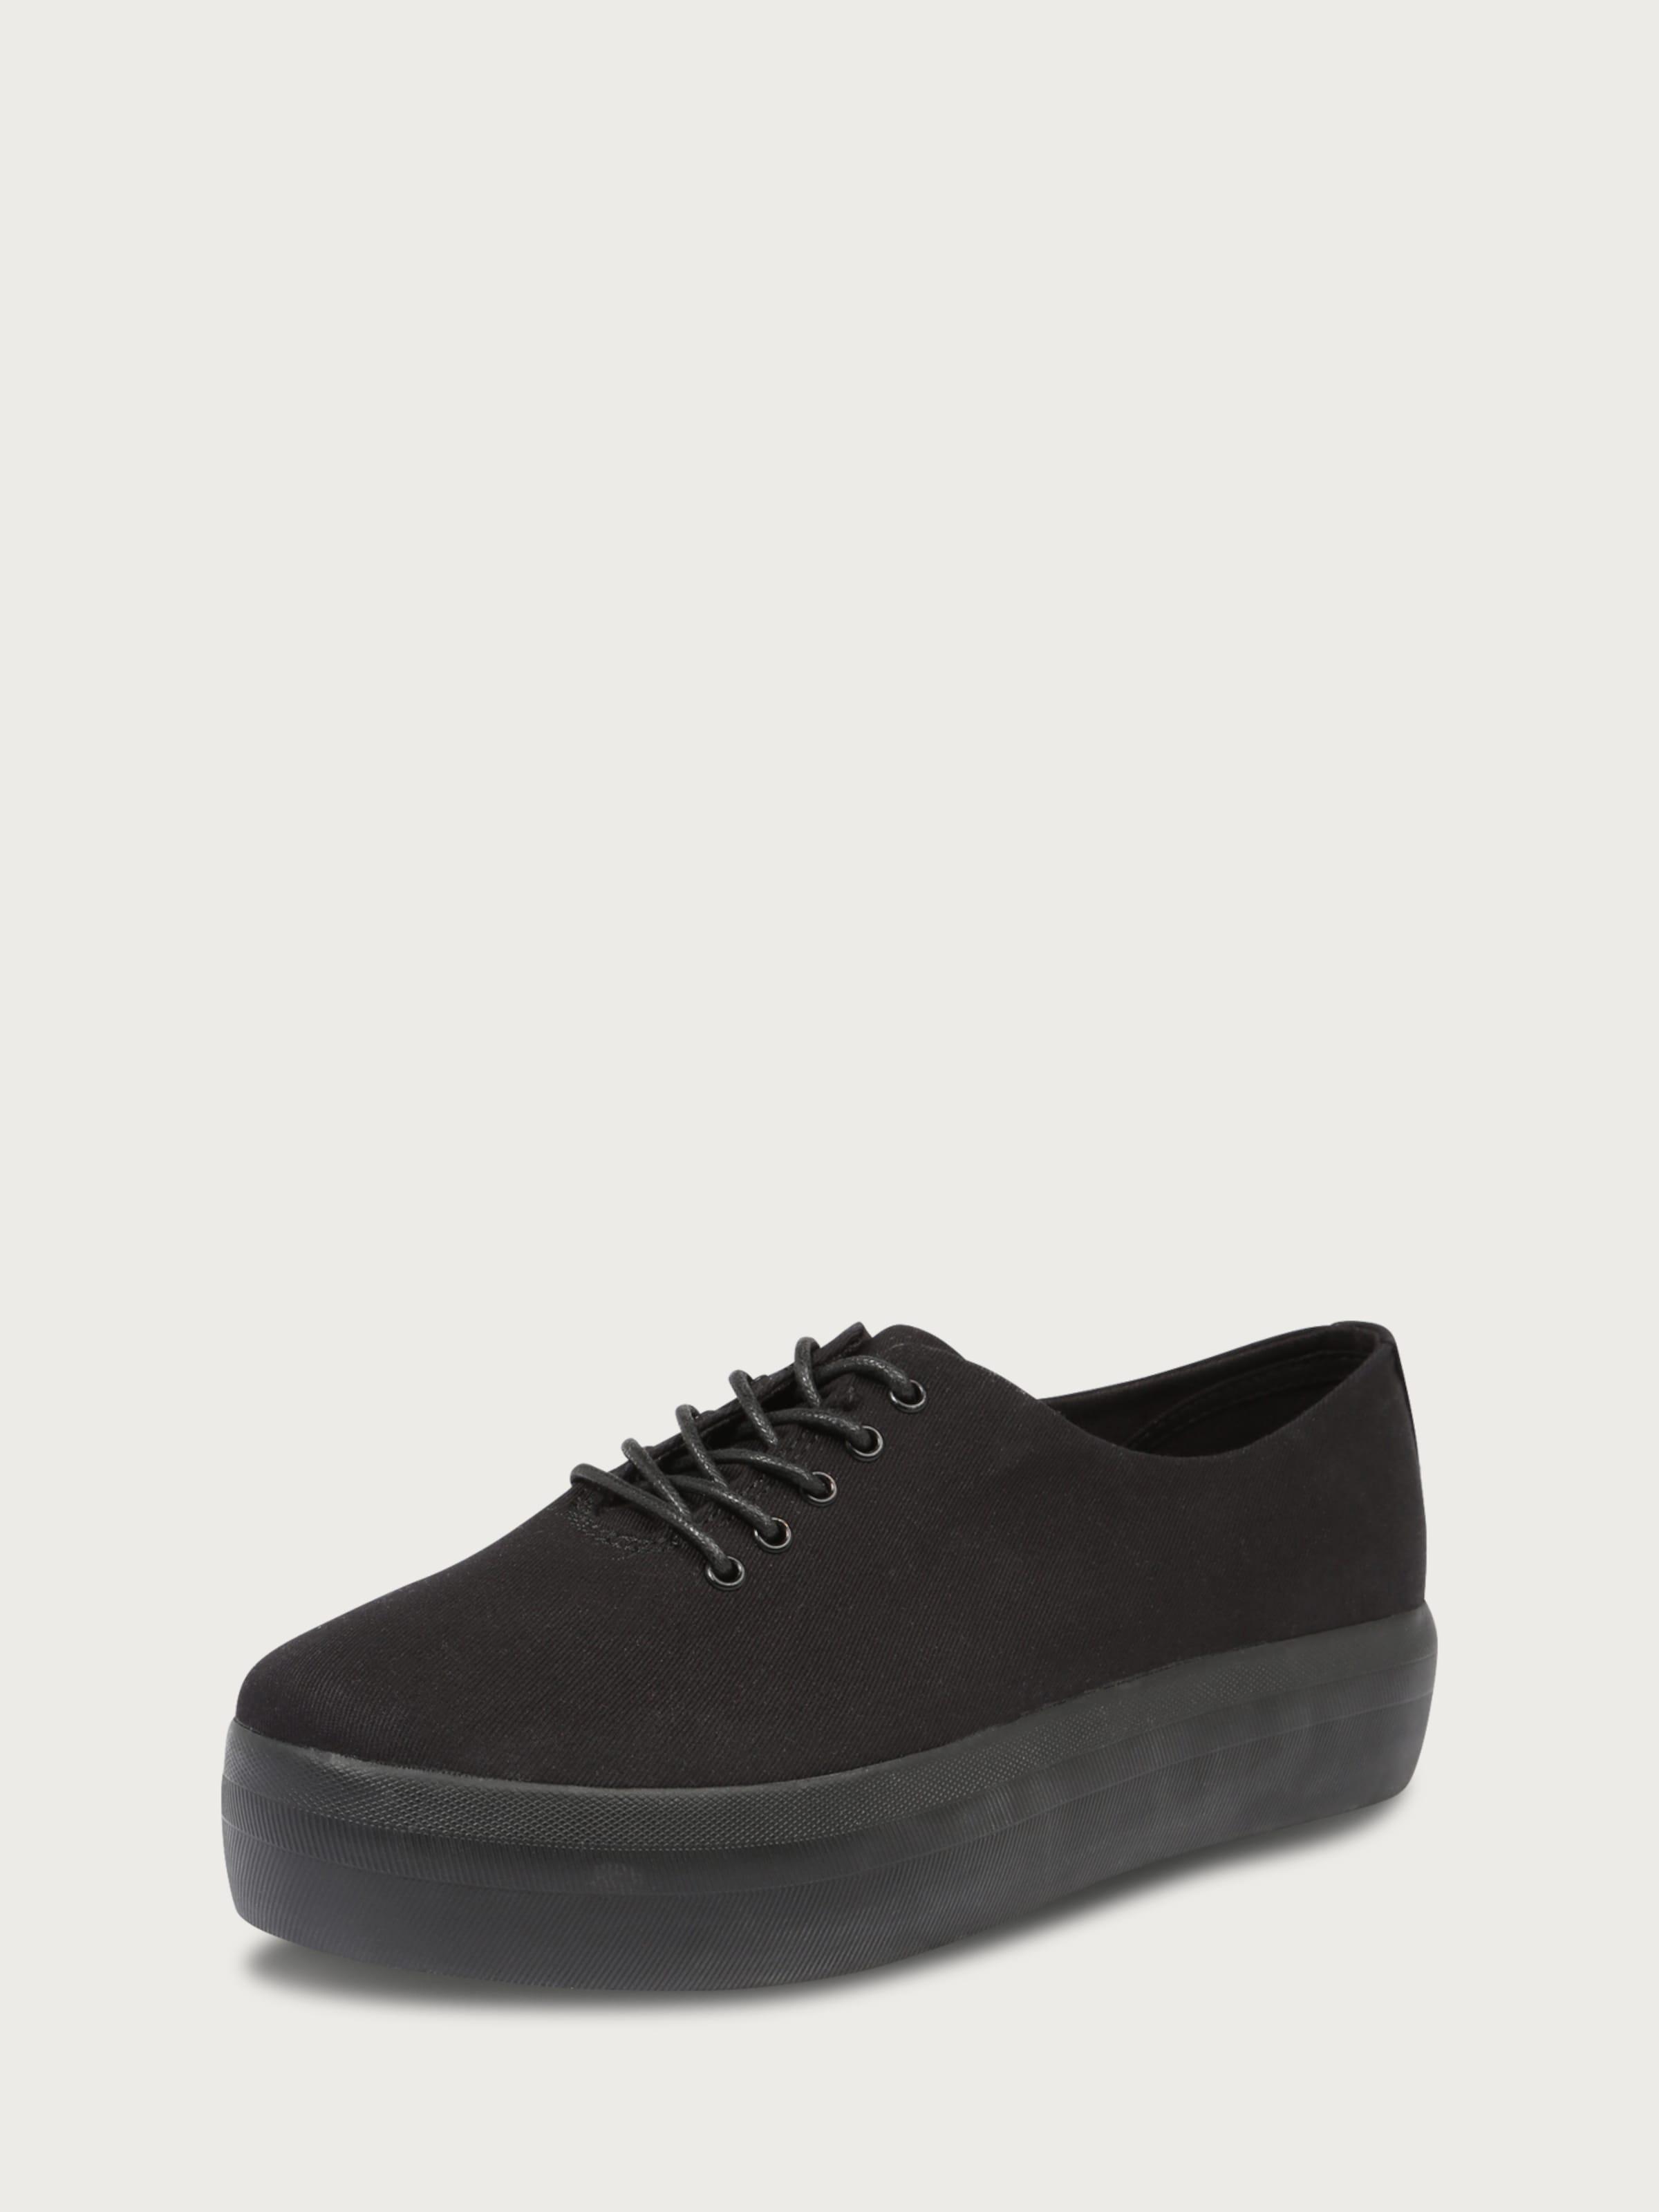 Haltbare Mode billige Schuhe VAGABOND SHOEMAKERS   Schnürschuhe 'Peggy' Schuhe Gut getragene Schuhe